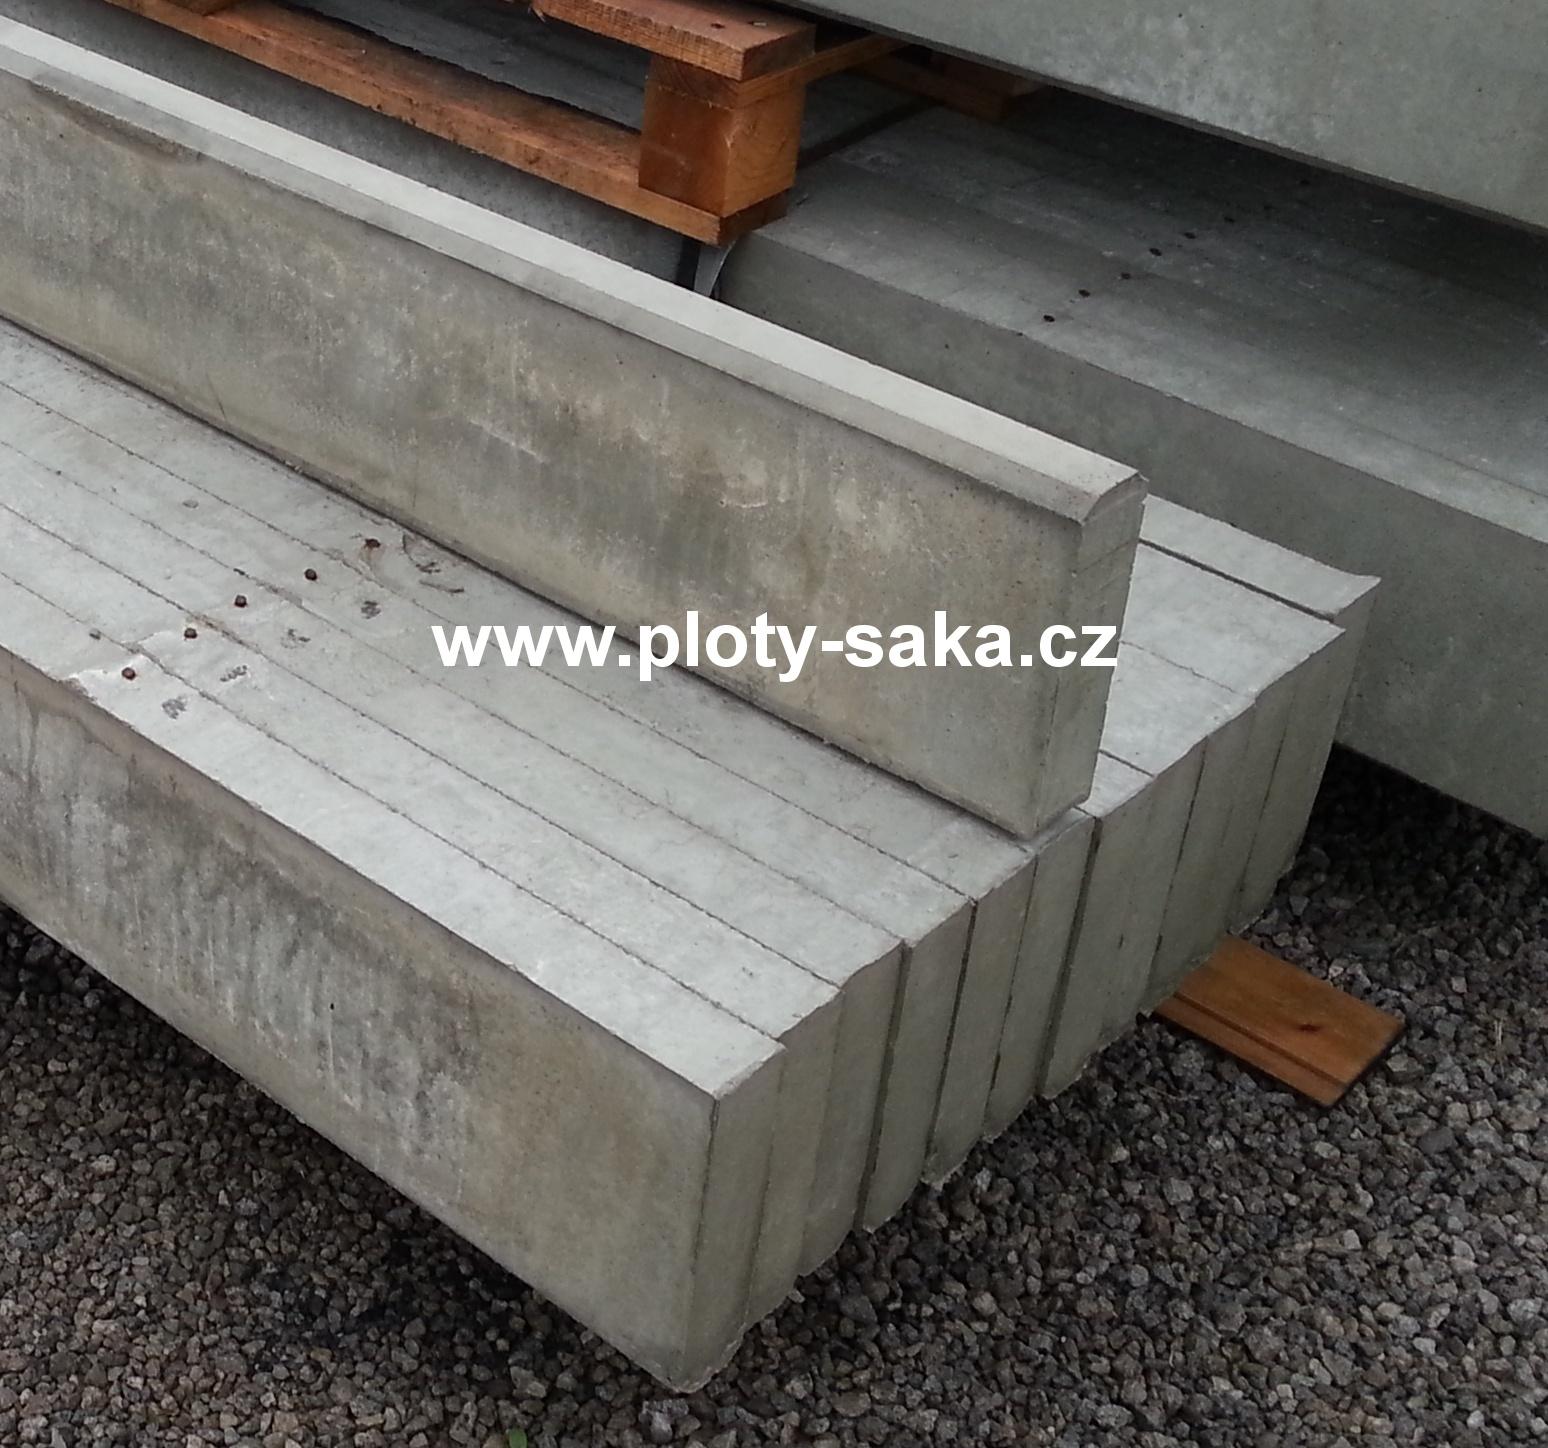 Podhrabová deska - 2500x200x50 mm